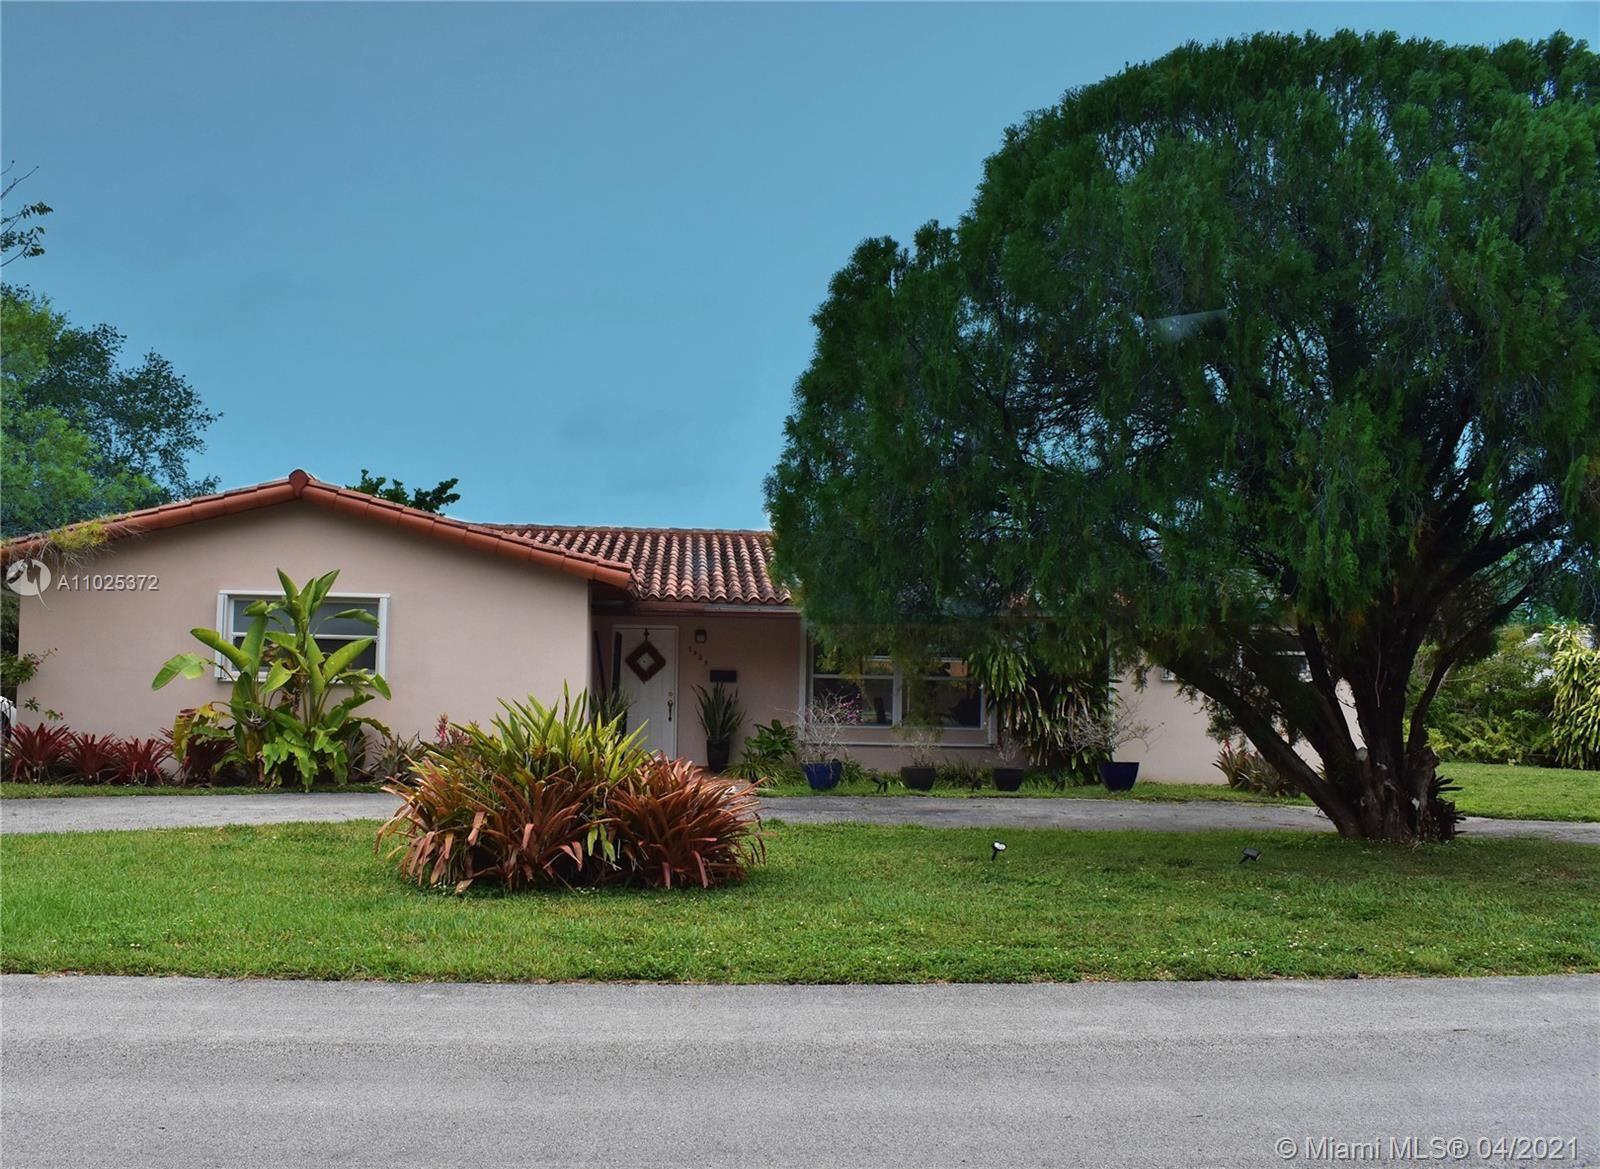 7905 SW 108th St, Miami, FL 33156 - #: A11025372